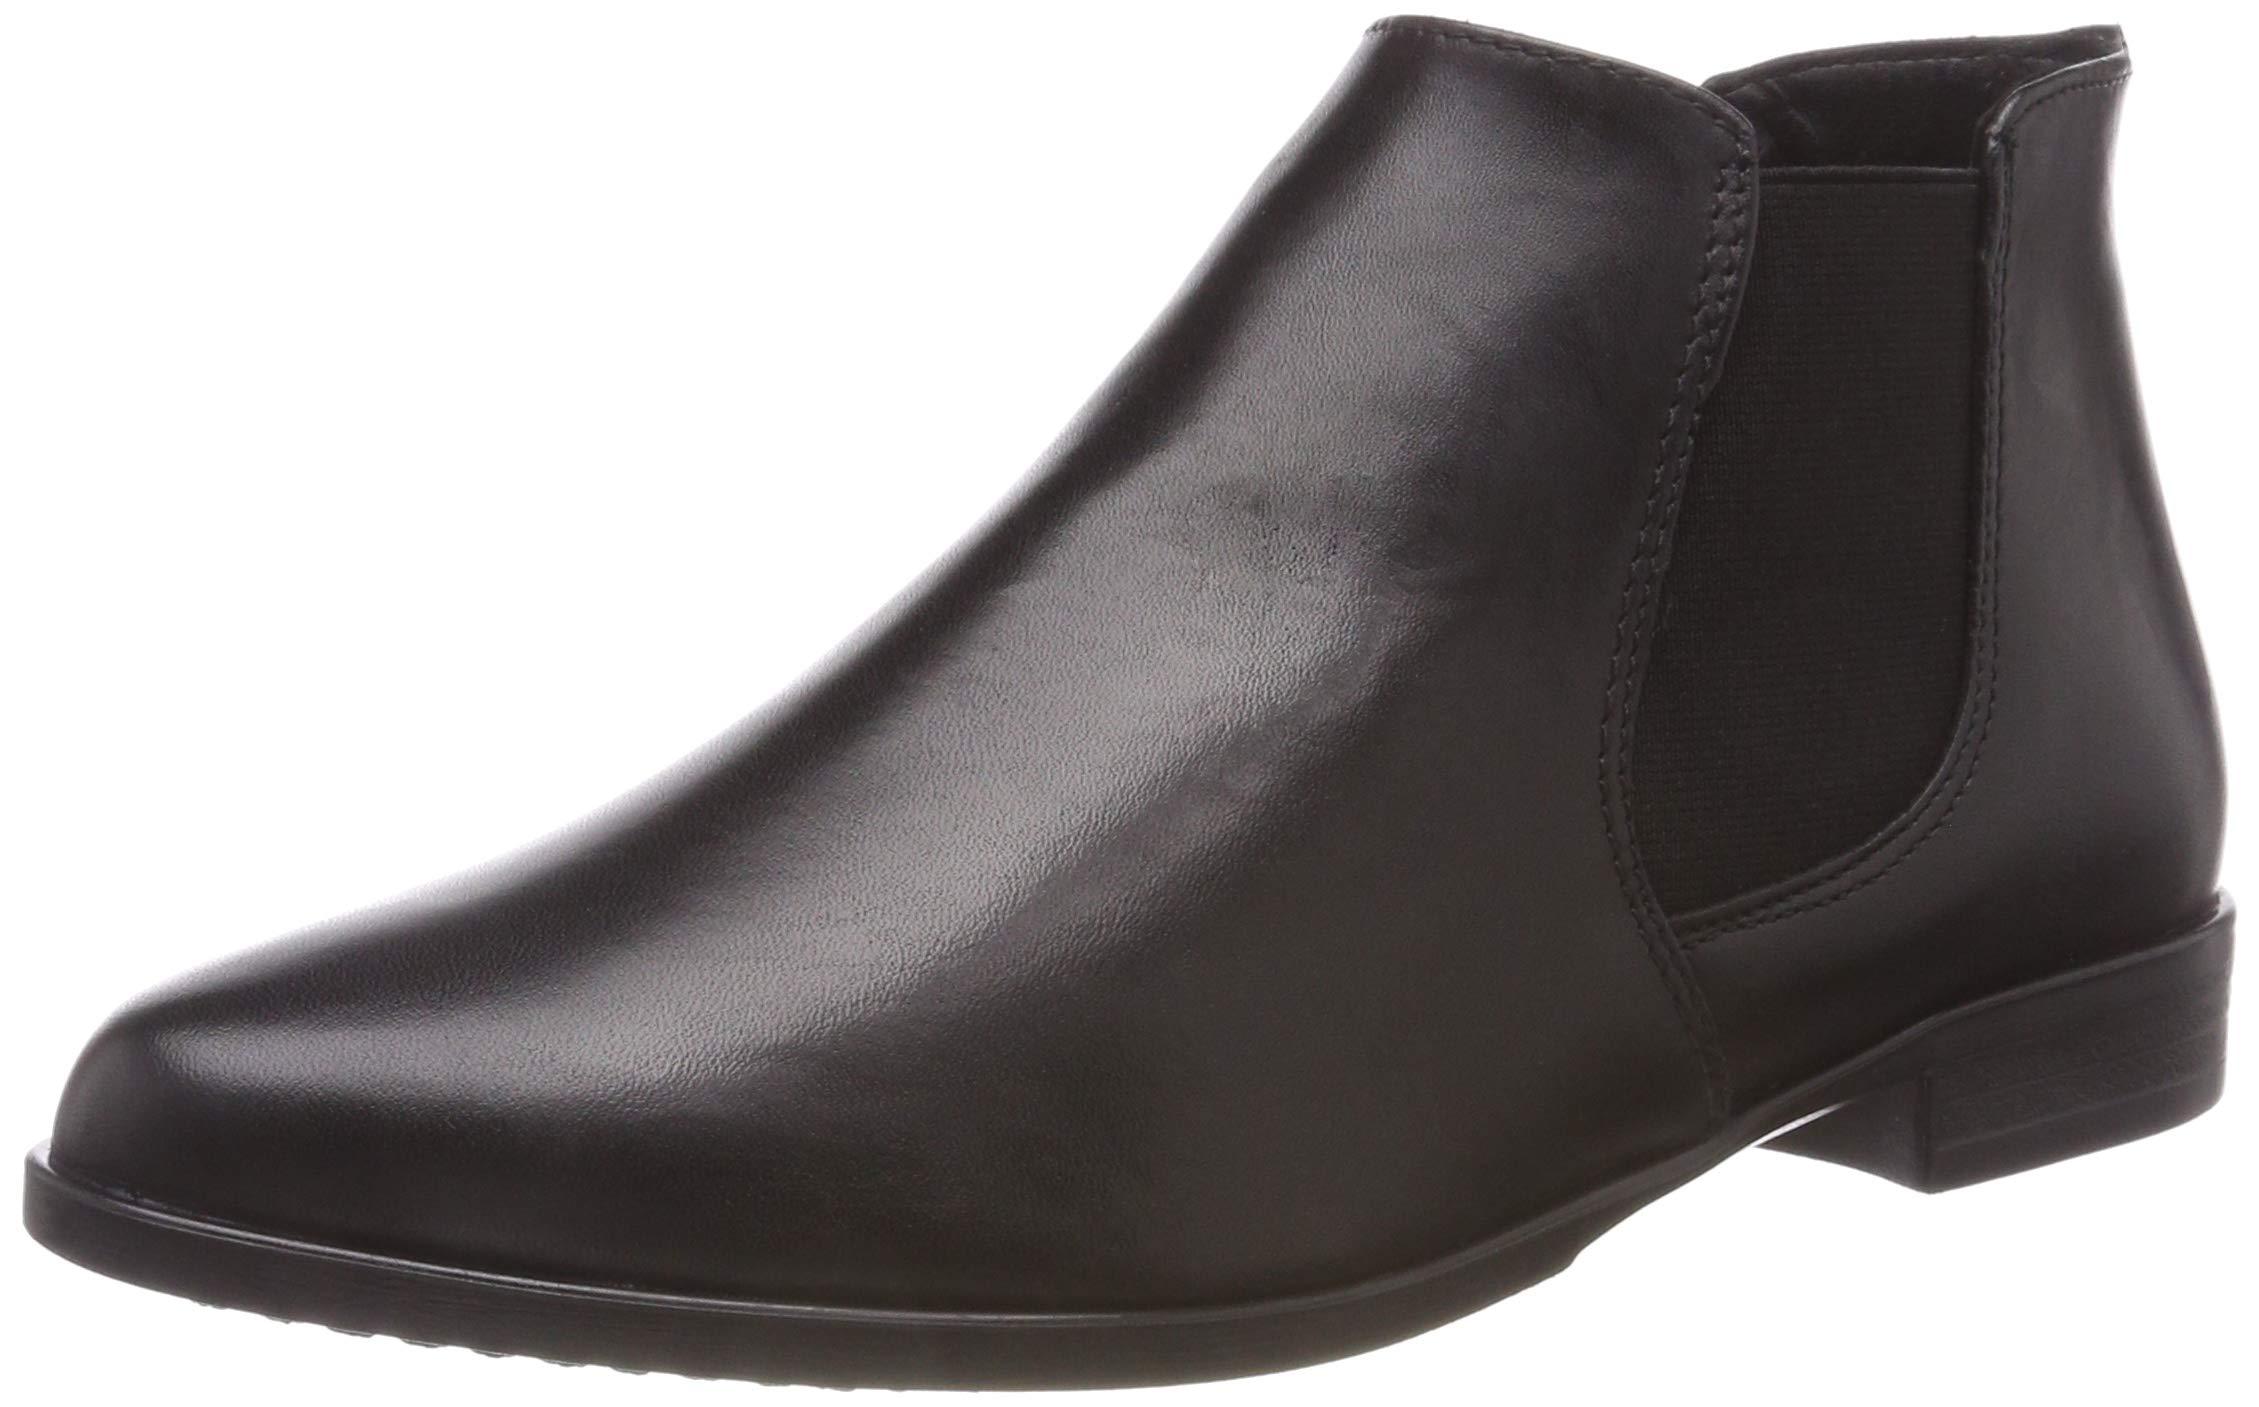 25097 Chelsea Tamaris FemmeNoirblack Leather 338 Eu 21Bottes 80wOnyNmv